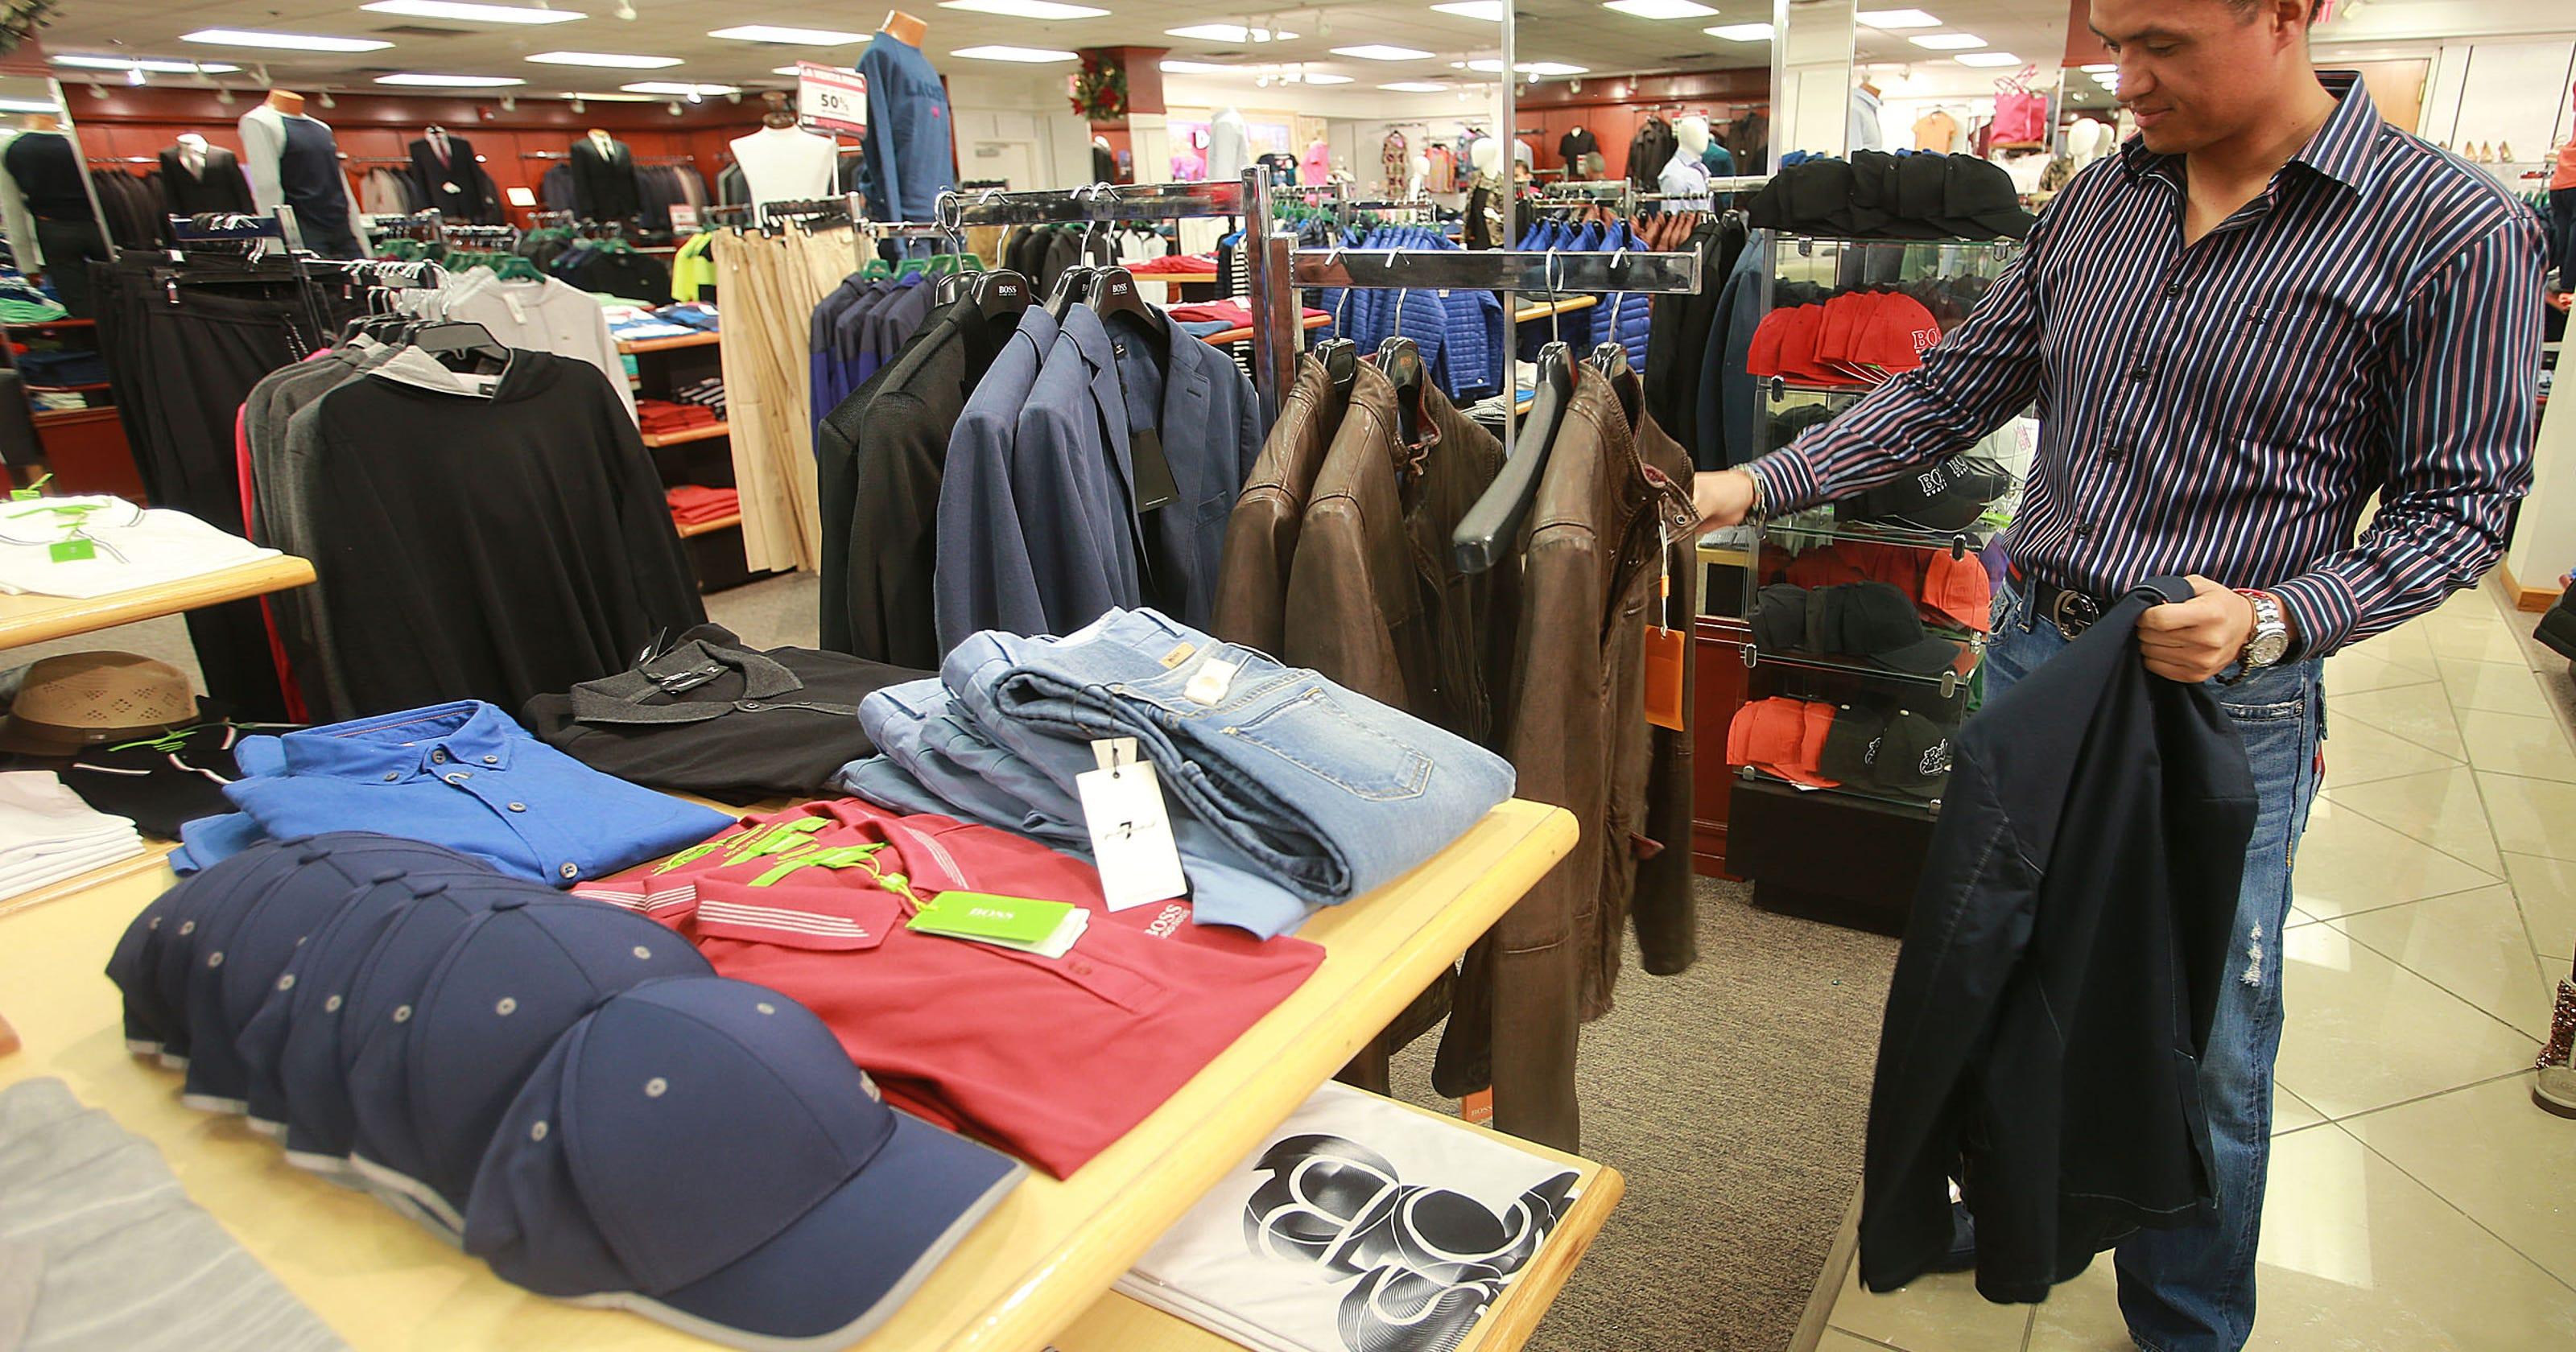 union clothes store